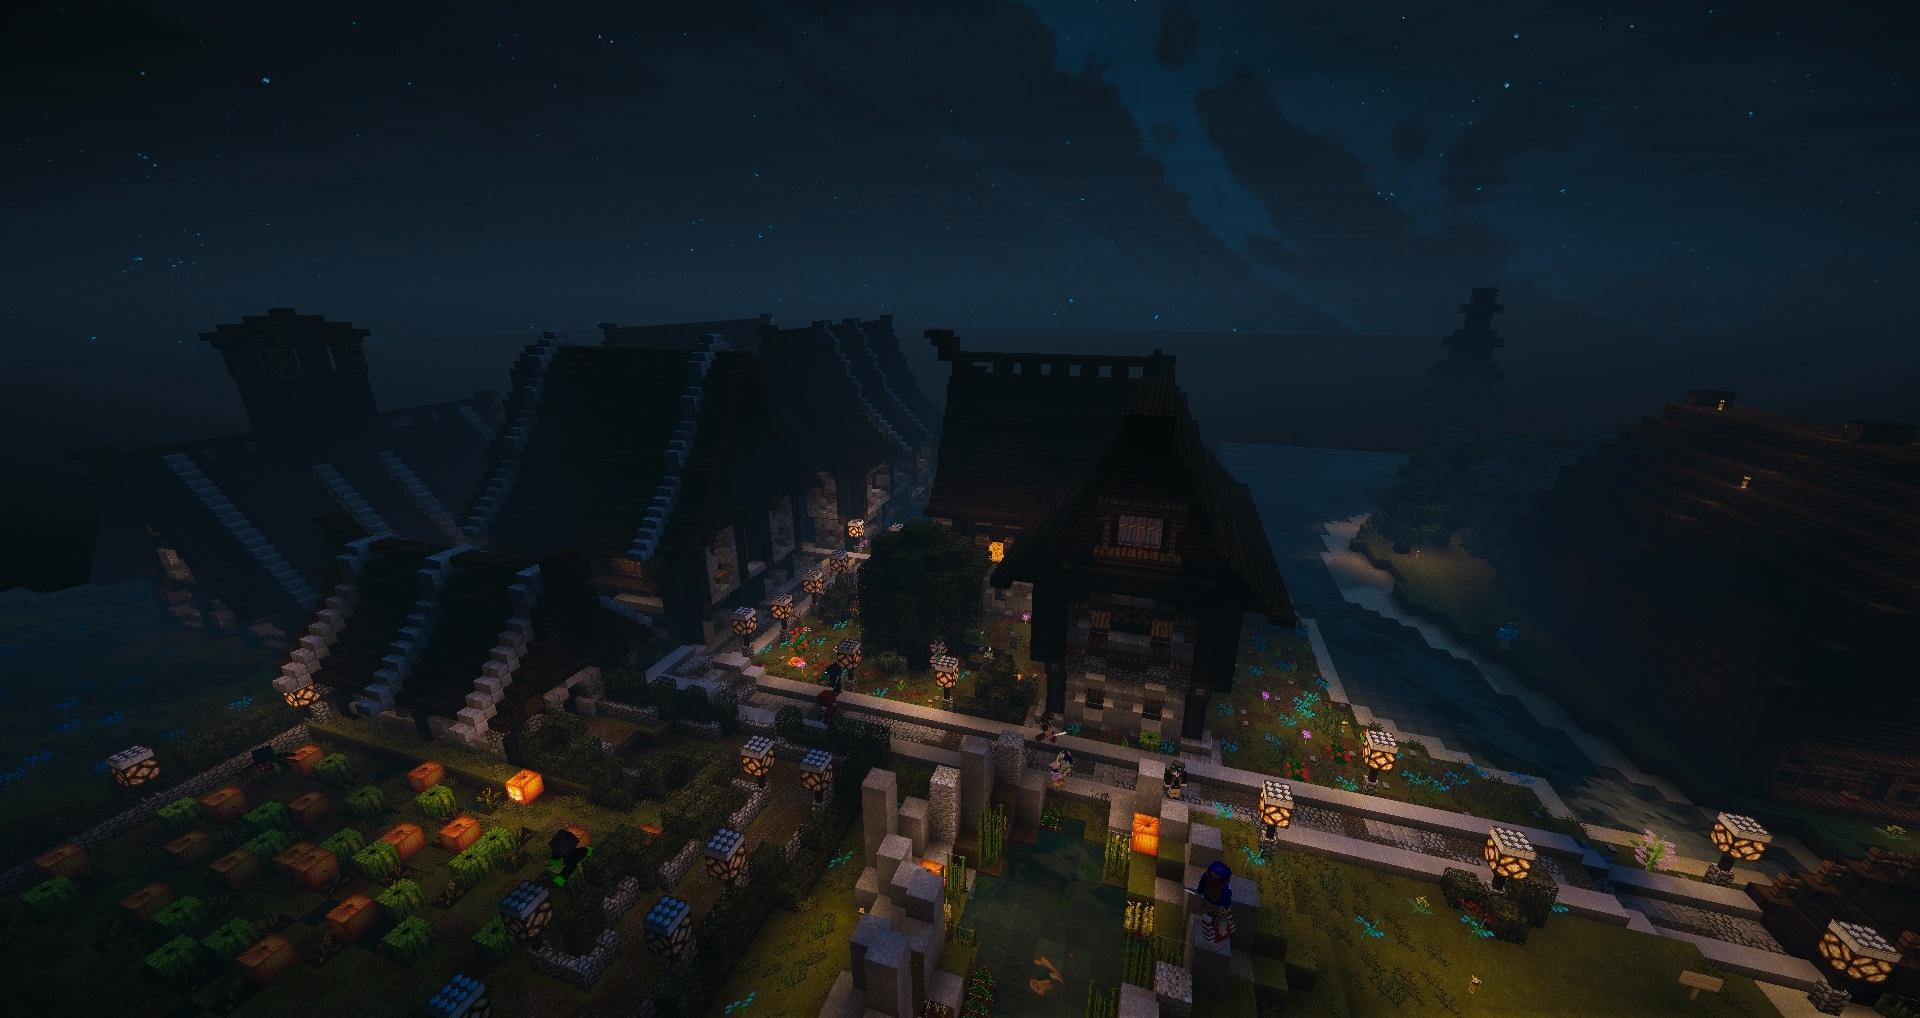 Ce village serait parfait pour un halloween non ?